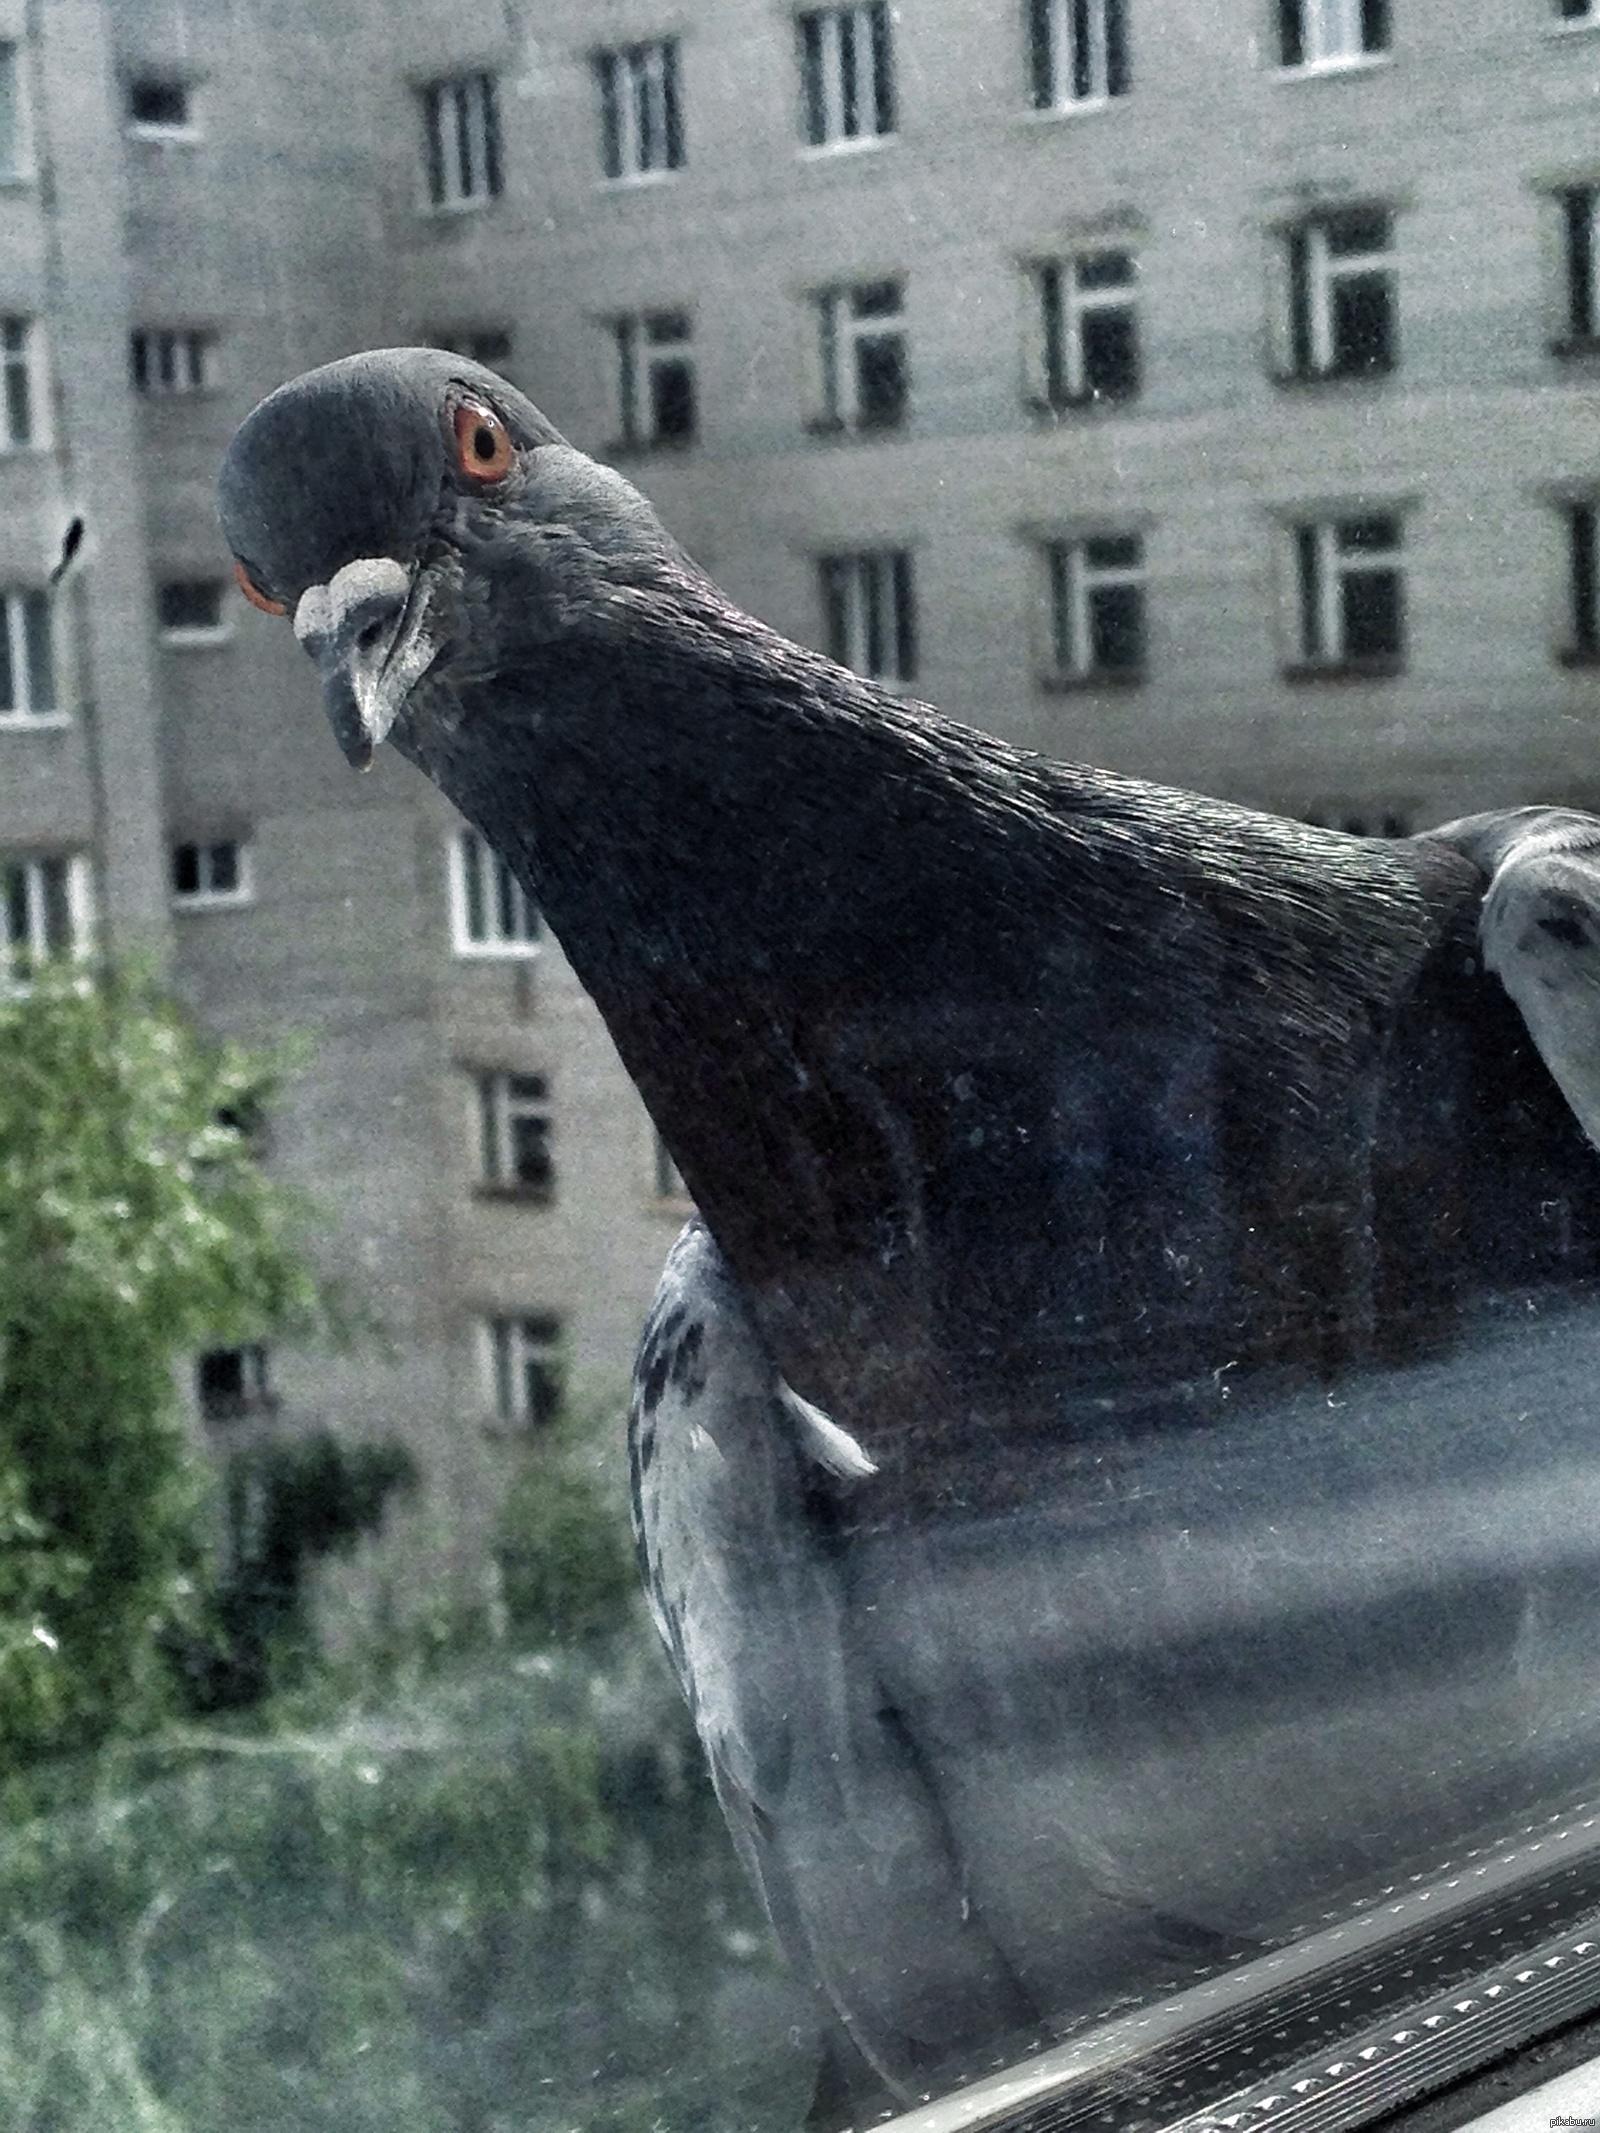 ведь картинка голубя жрешь ароматическими лекарственными травами